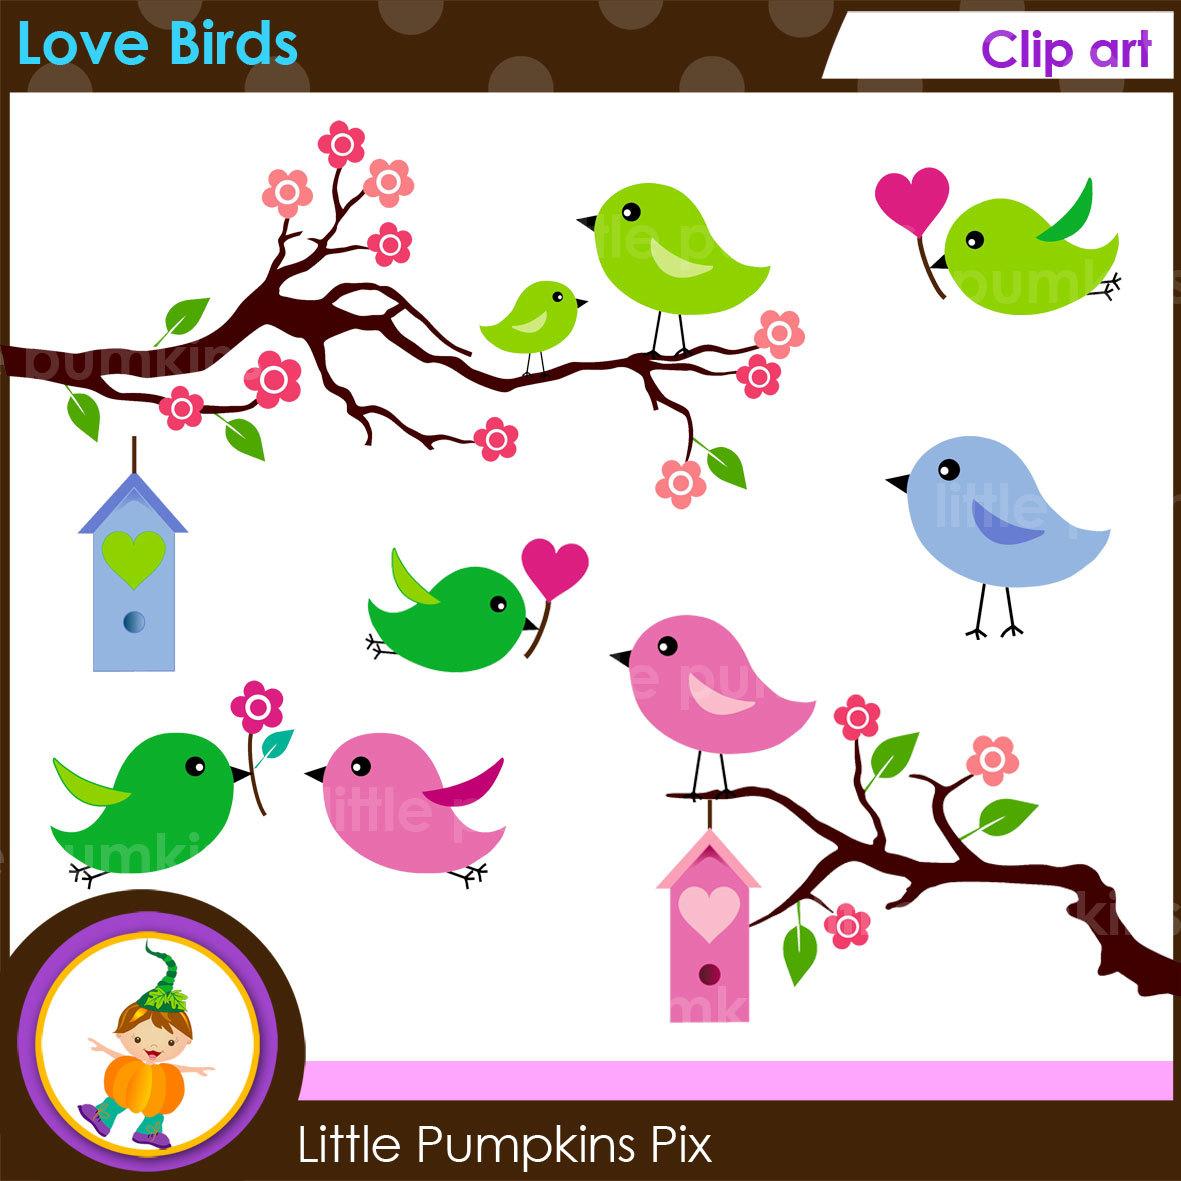 LOVE BIRDS Clipart, Cute Little Birds Clipart, Graphics Birds.